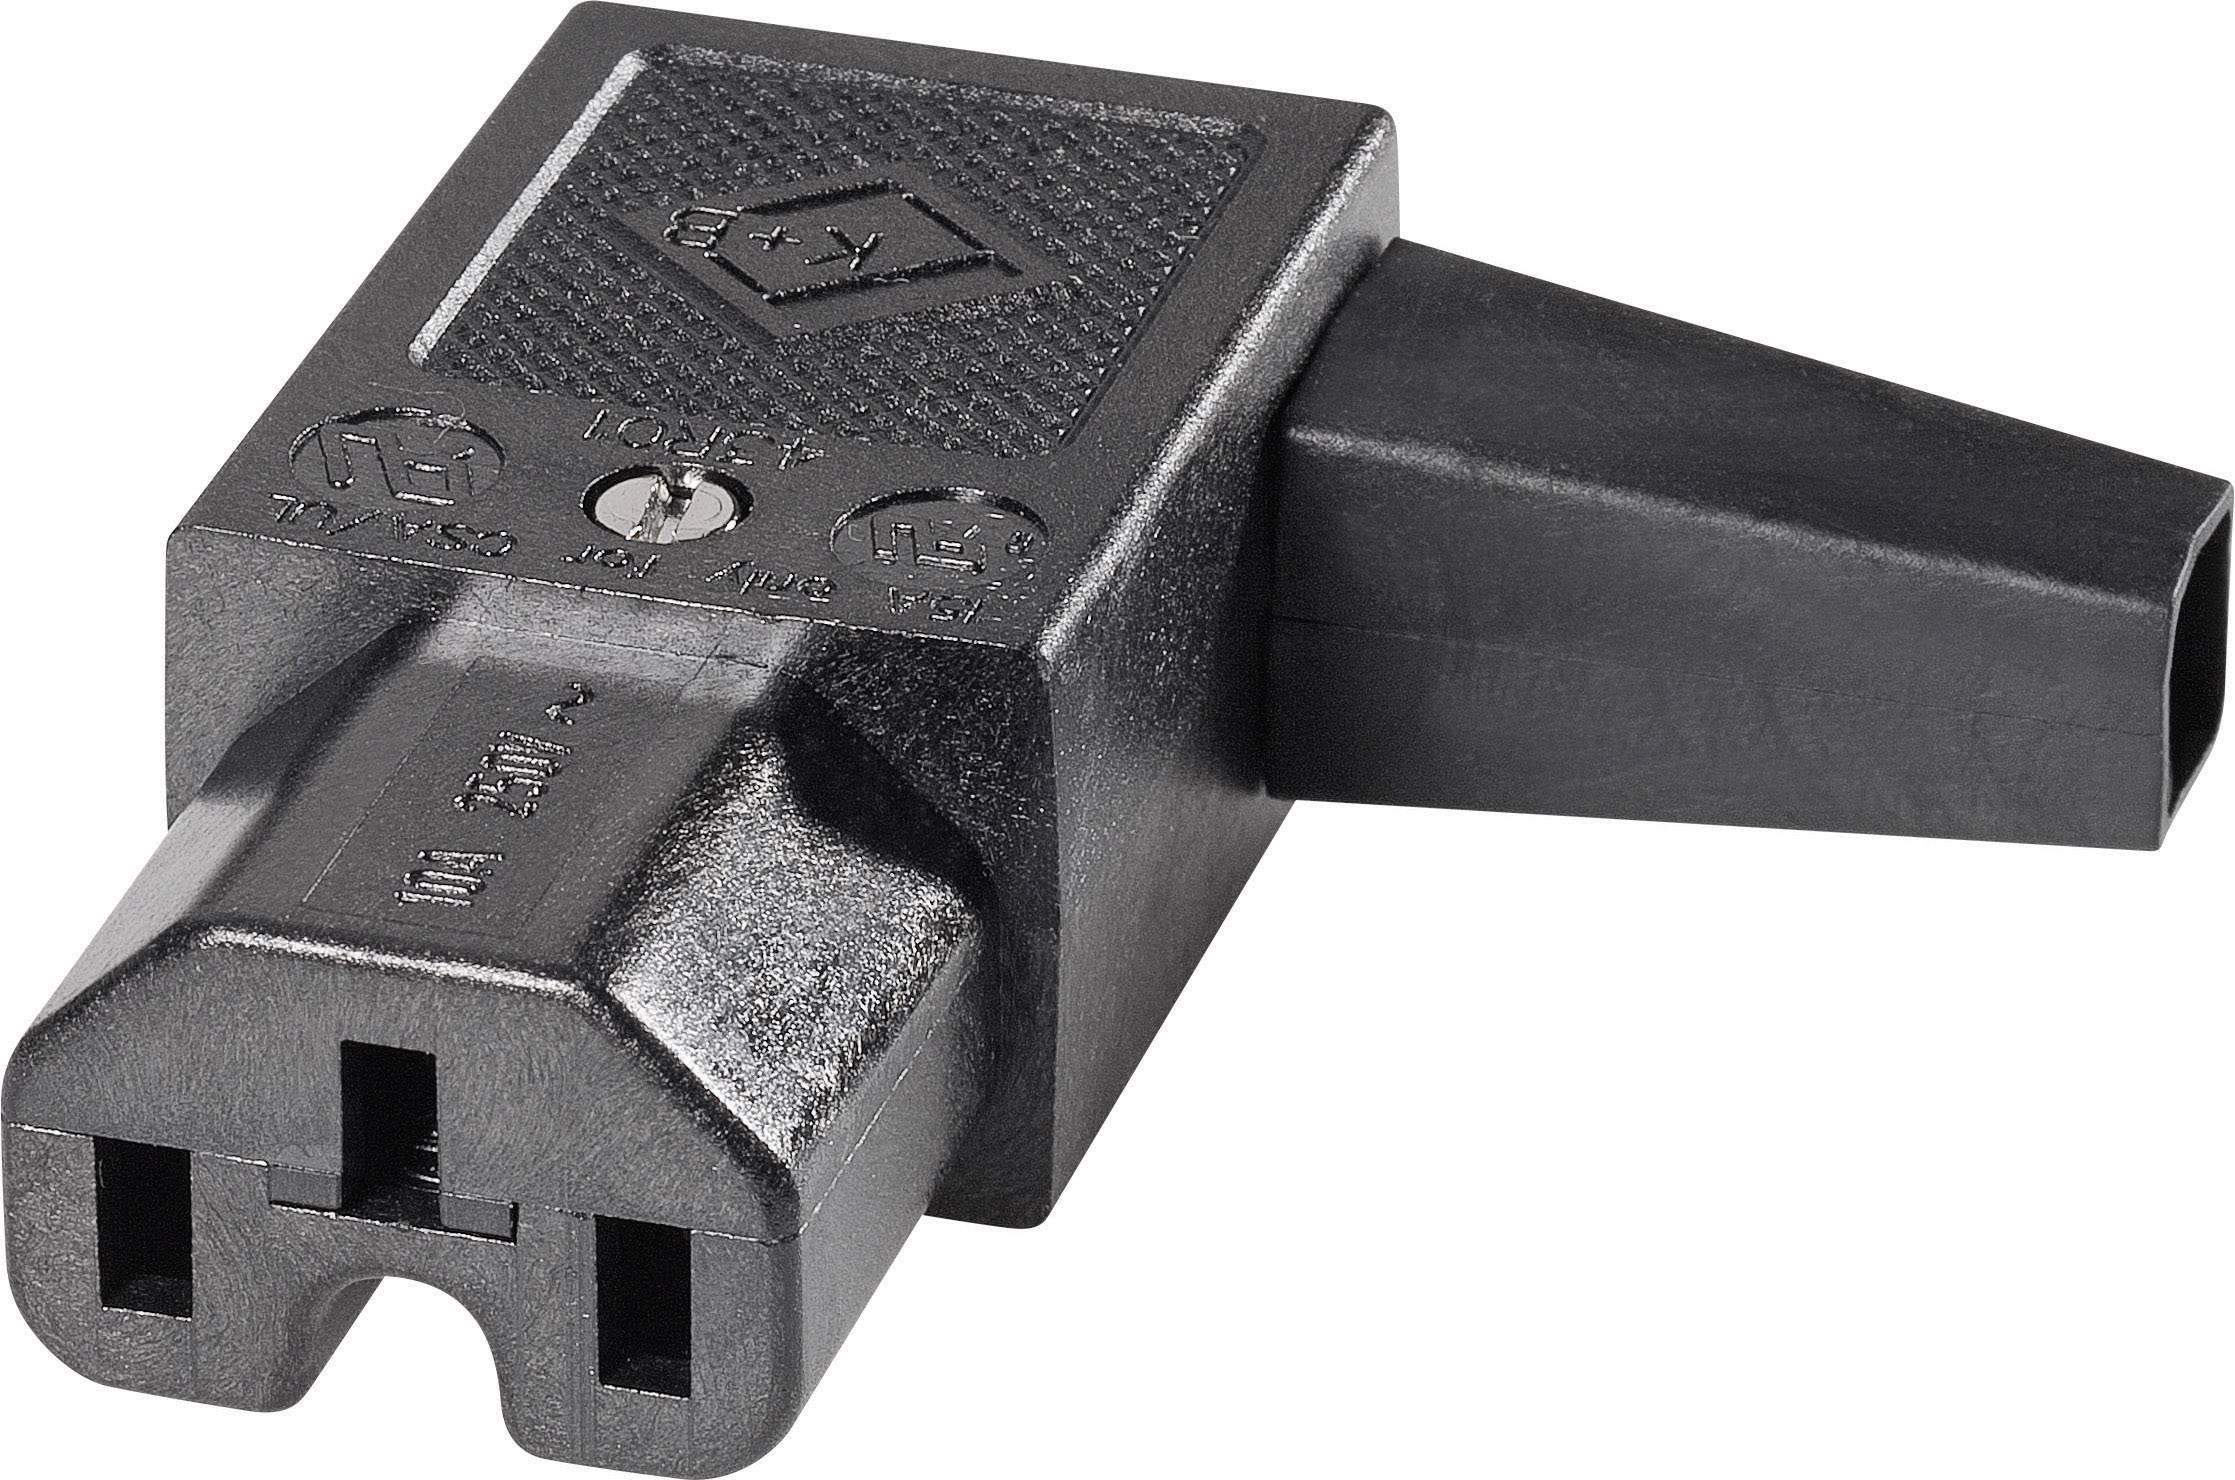 IEC konektor C15/C16 K & B 43R012111;C15, zásuvka, zahnutá, počet kontaktov: 2 + PE, 10 A, 250 V, čierna, 1 ks